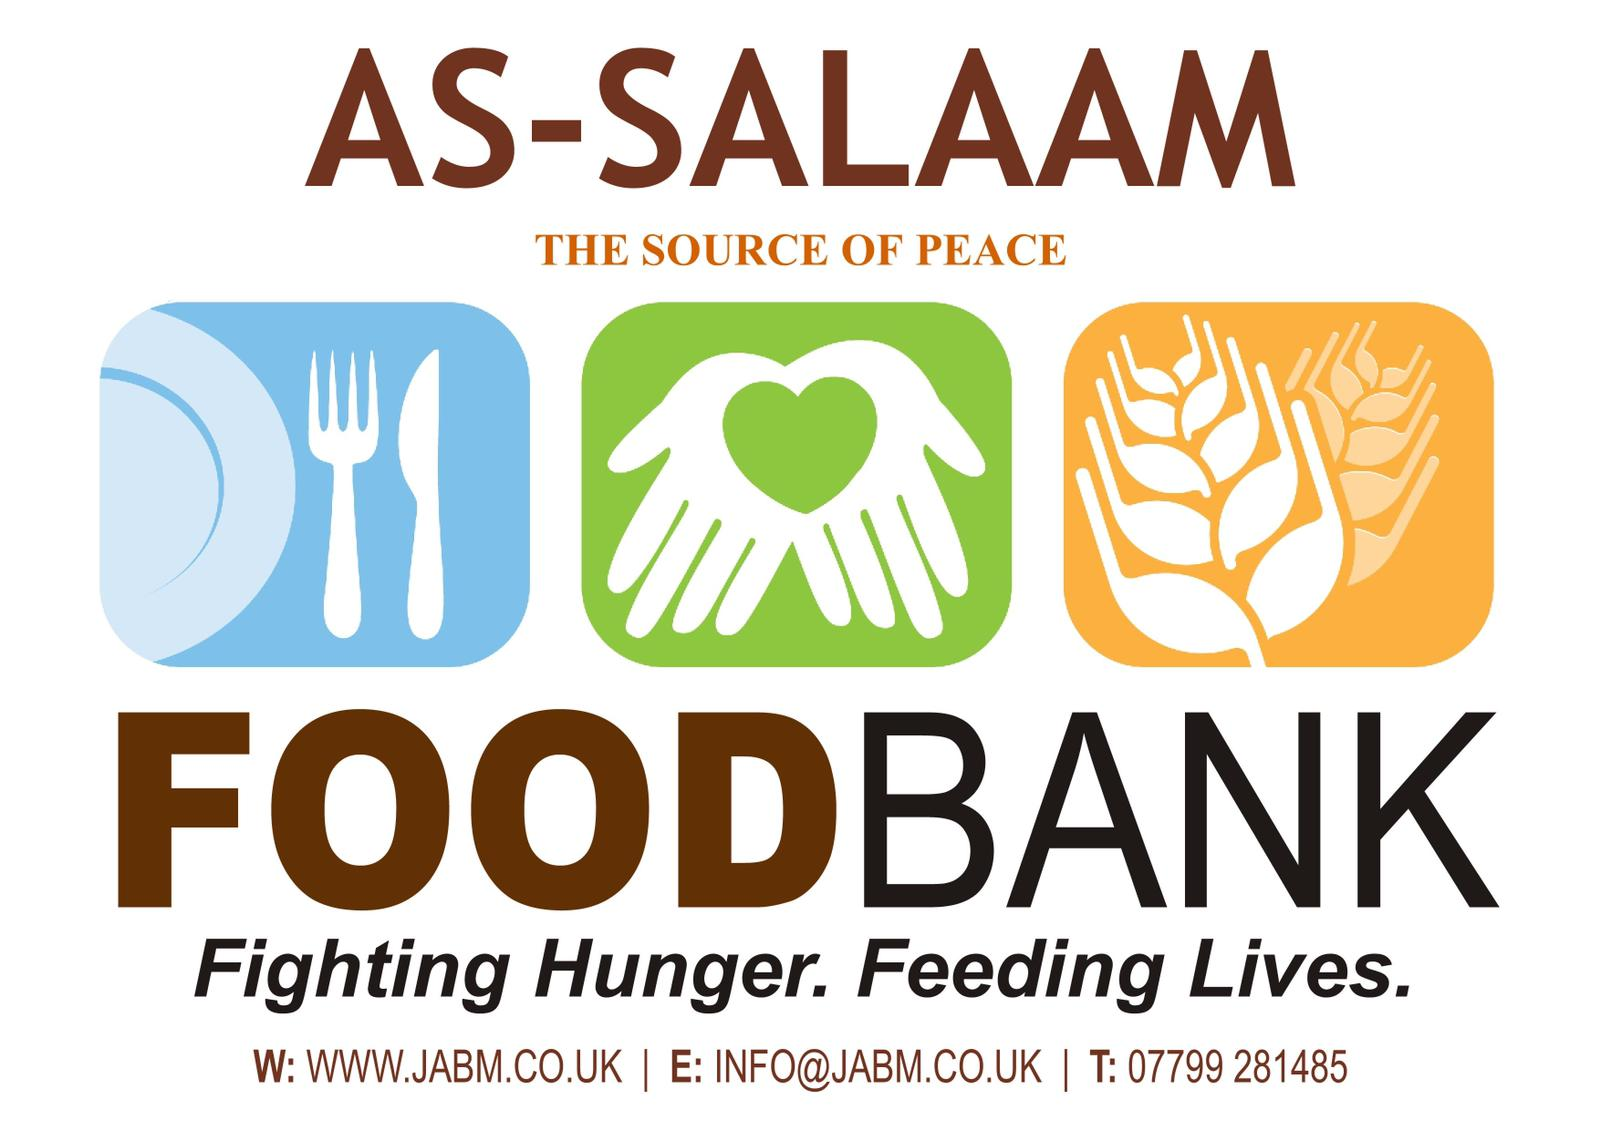 As Salaam Foodbank